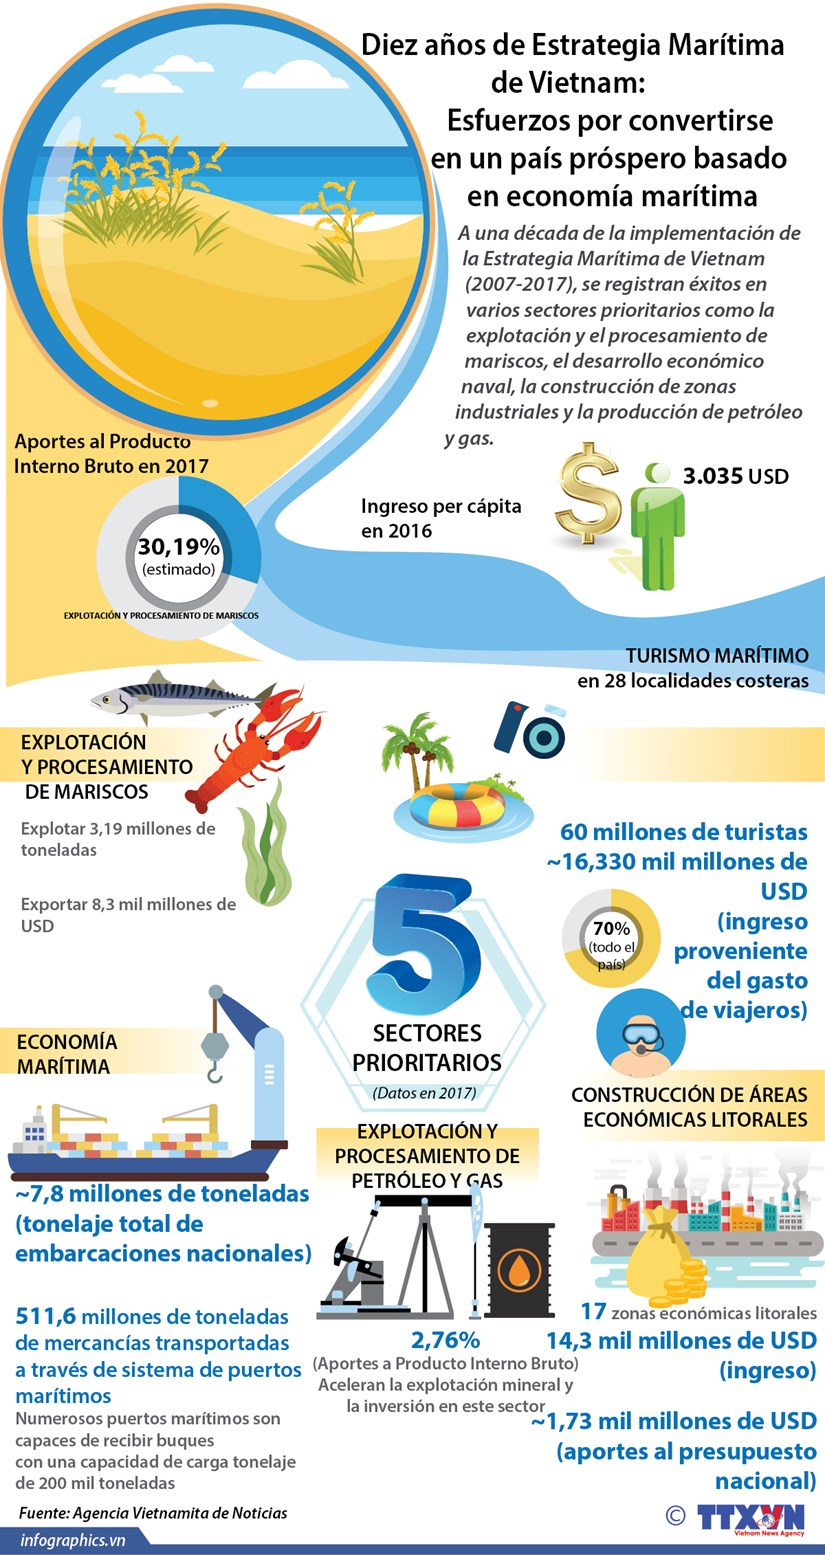 [Infografia] Diez anos de Estrategia Maritima de Vietnam hinh anh 1